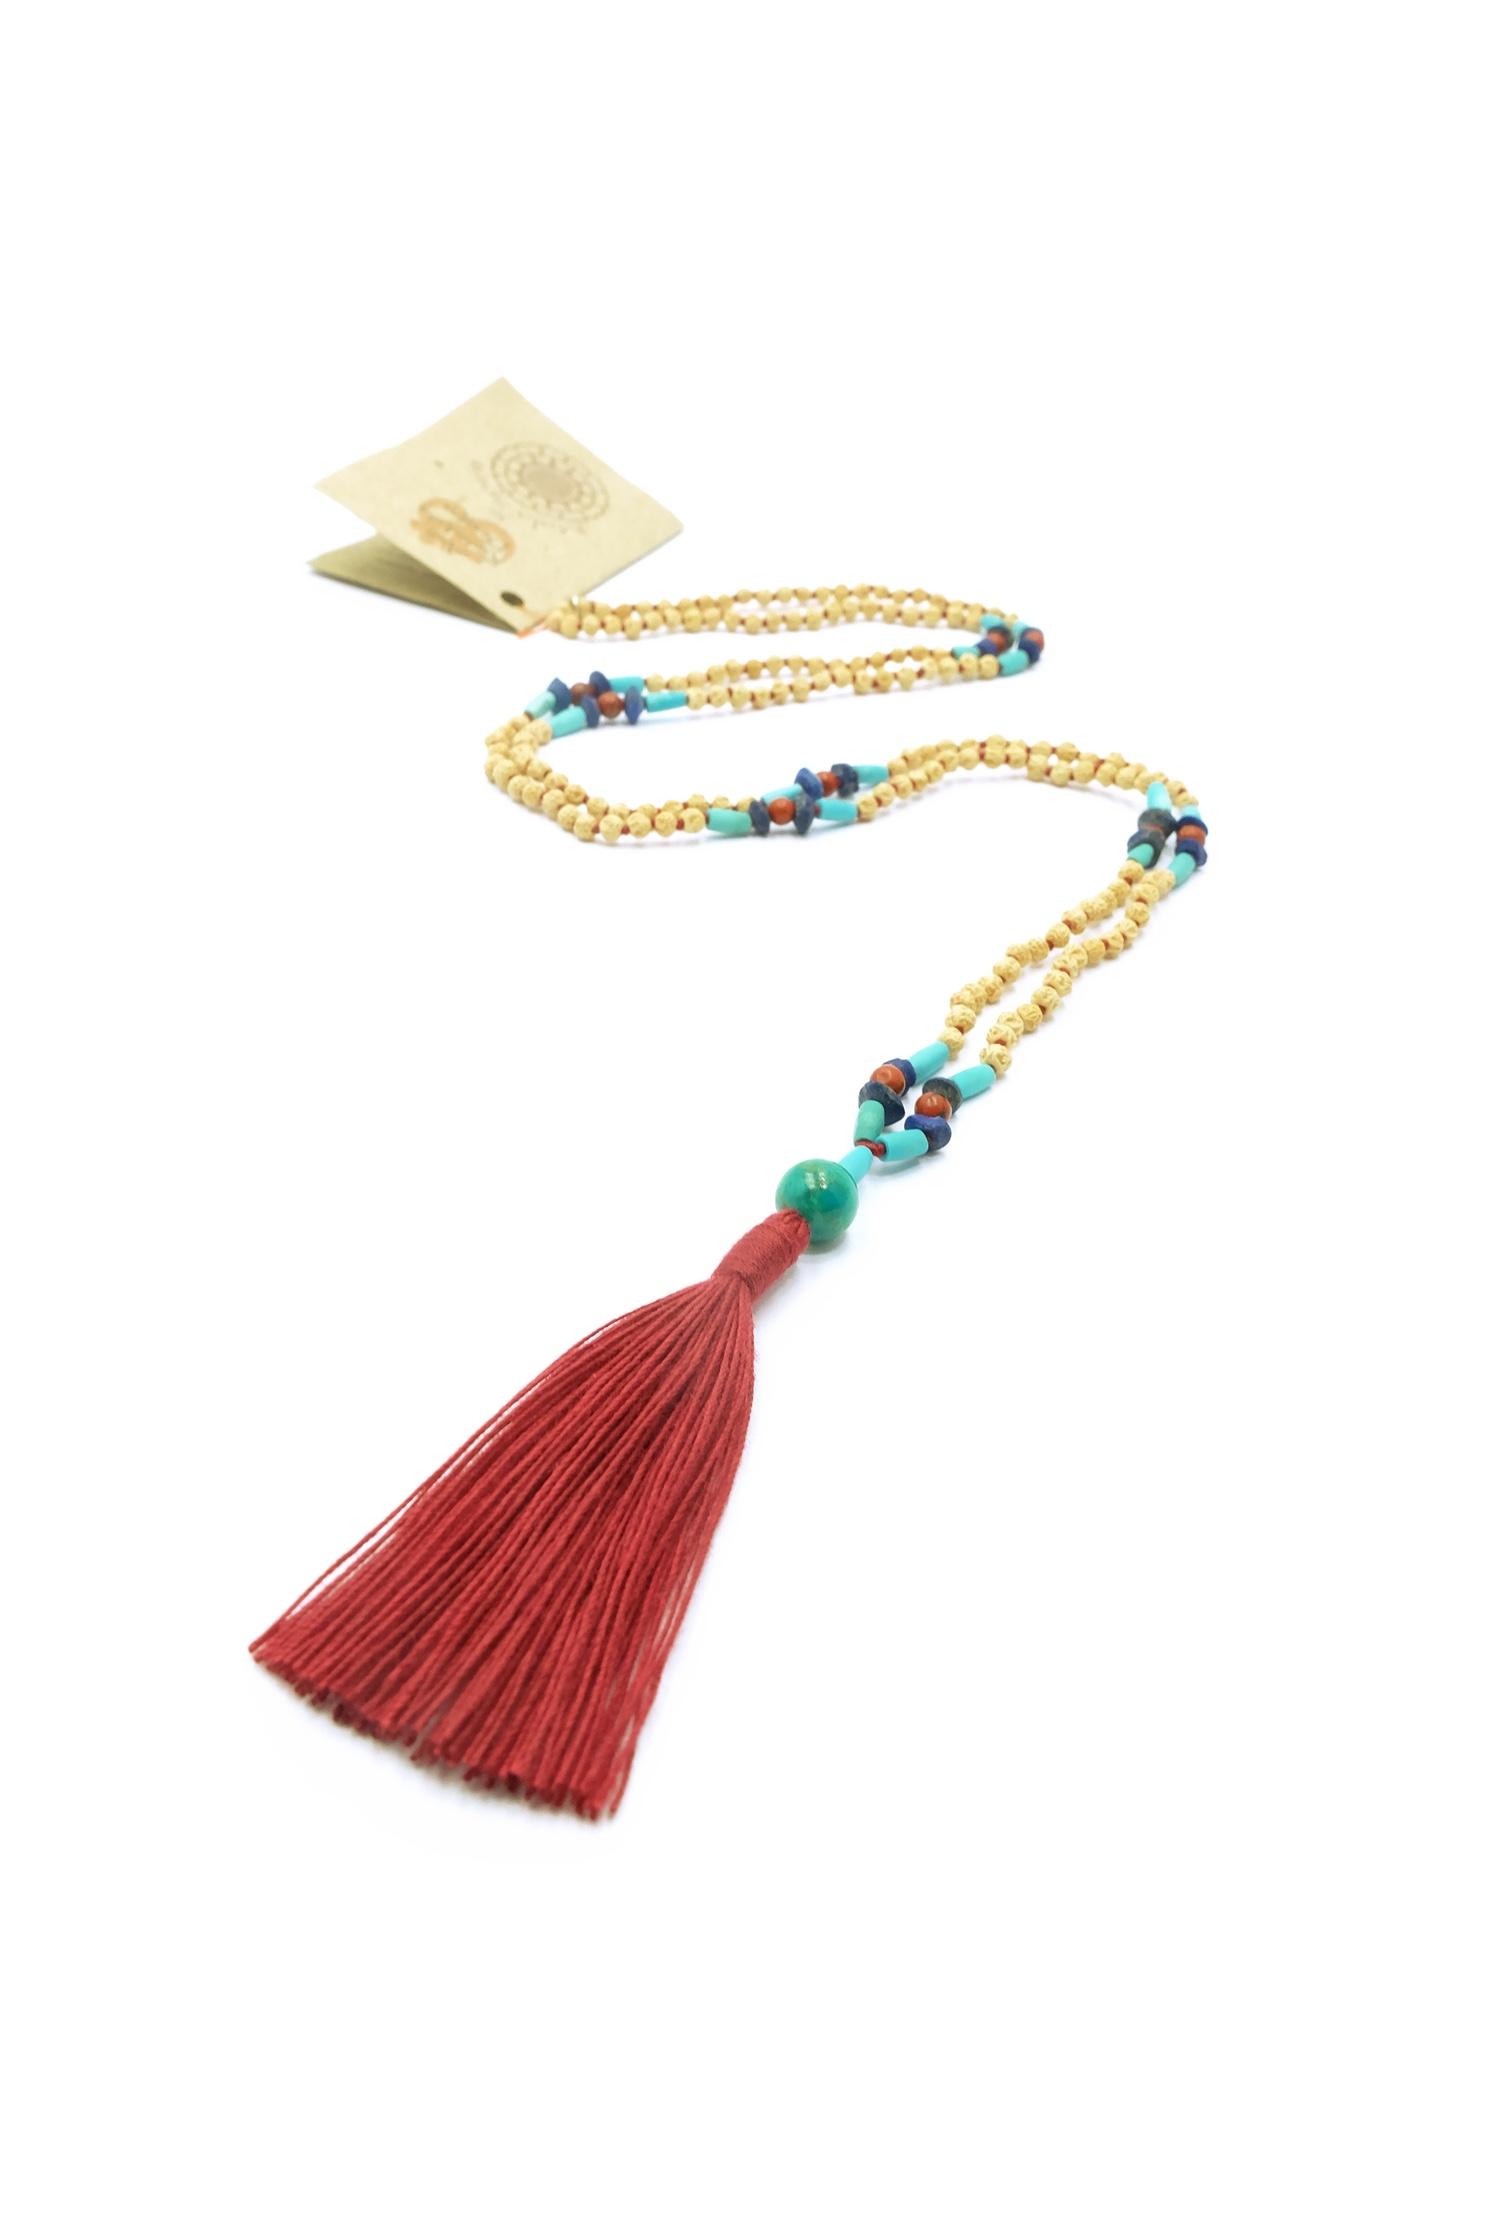 Spiritual Warrior mala necklace